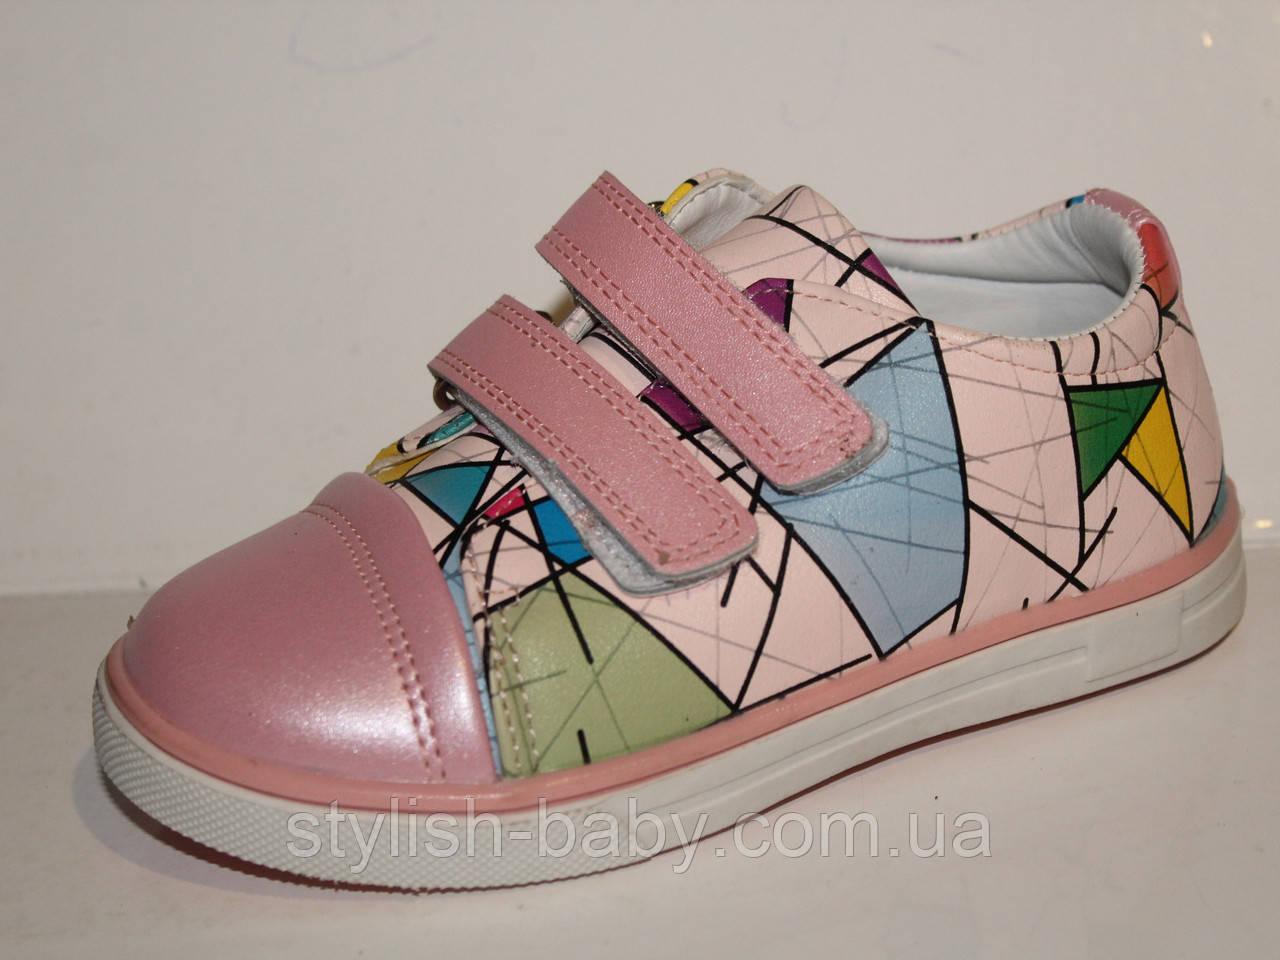 Детская обувь оптом. Детские модные кеды бренда Tom.m для девочек (рр с 26 по 31)